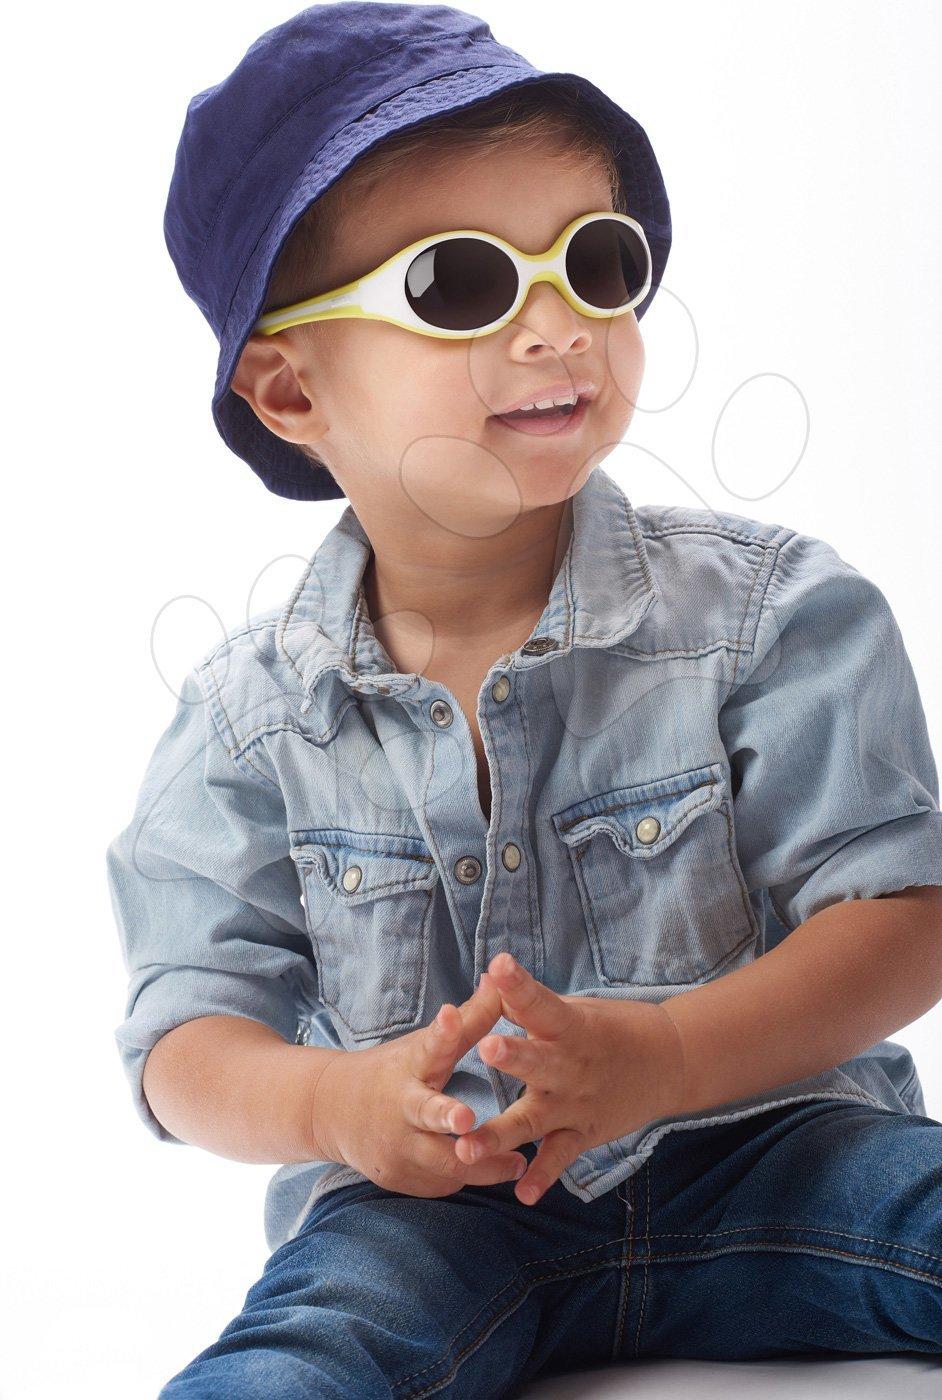 Napszemüveg Beaba Baby S UV szűrő 3 zöld 9 hó-tól. A teljes élmény  érdekében 57825647cb